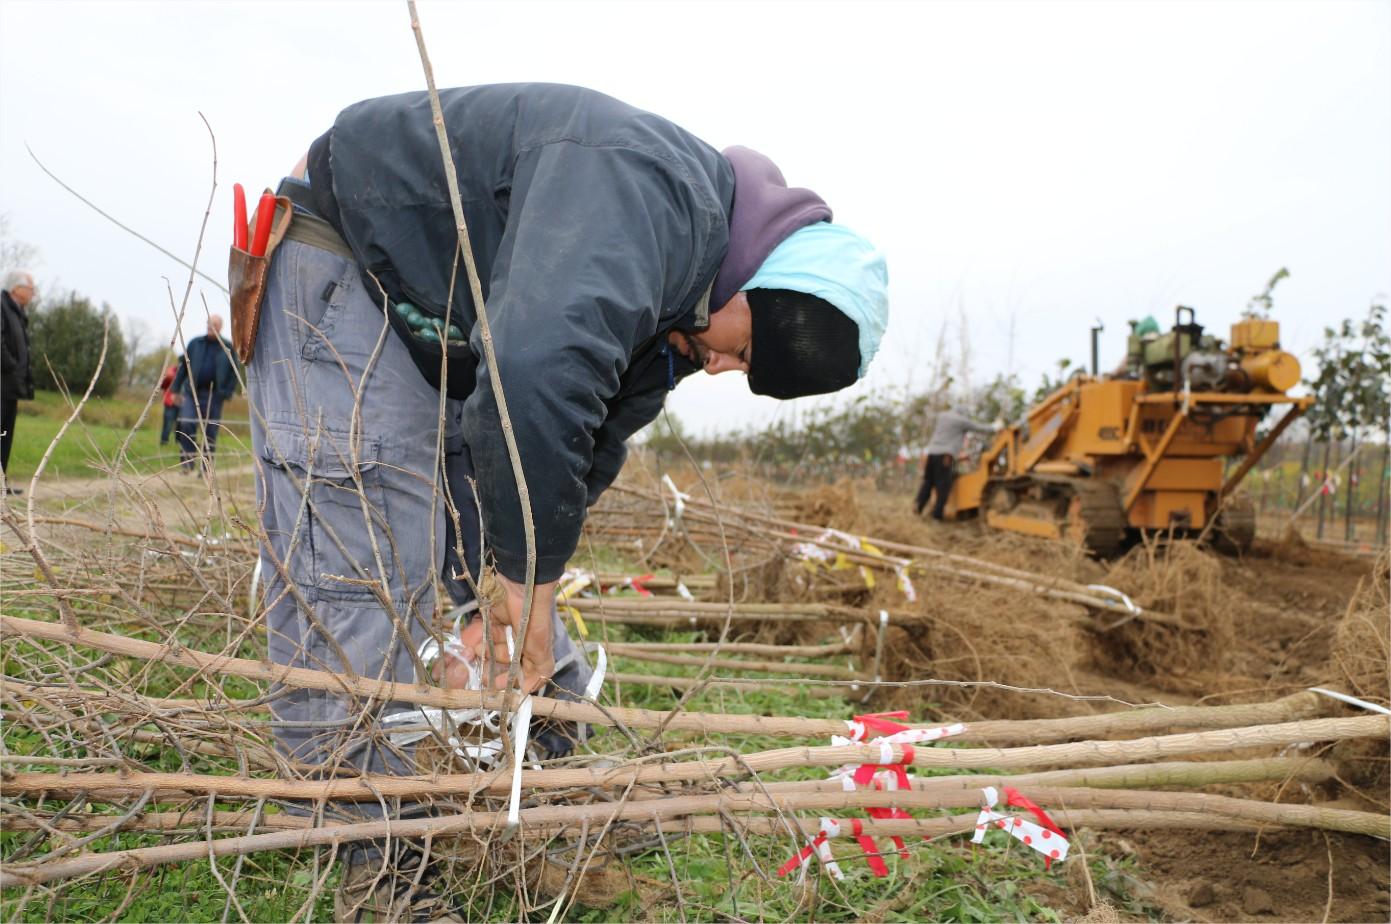 Equipo de Respuesta a la Covid-19 ayuda a jornaleros agrícolas extranjeros en British Columbia